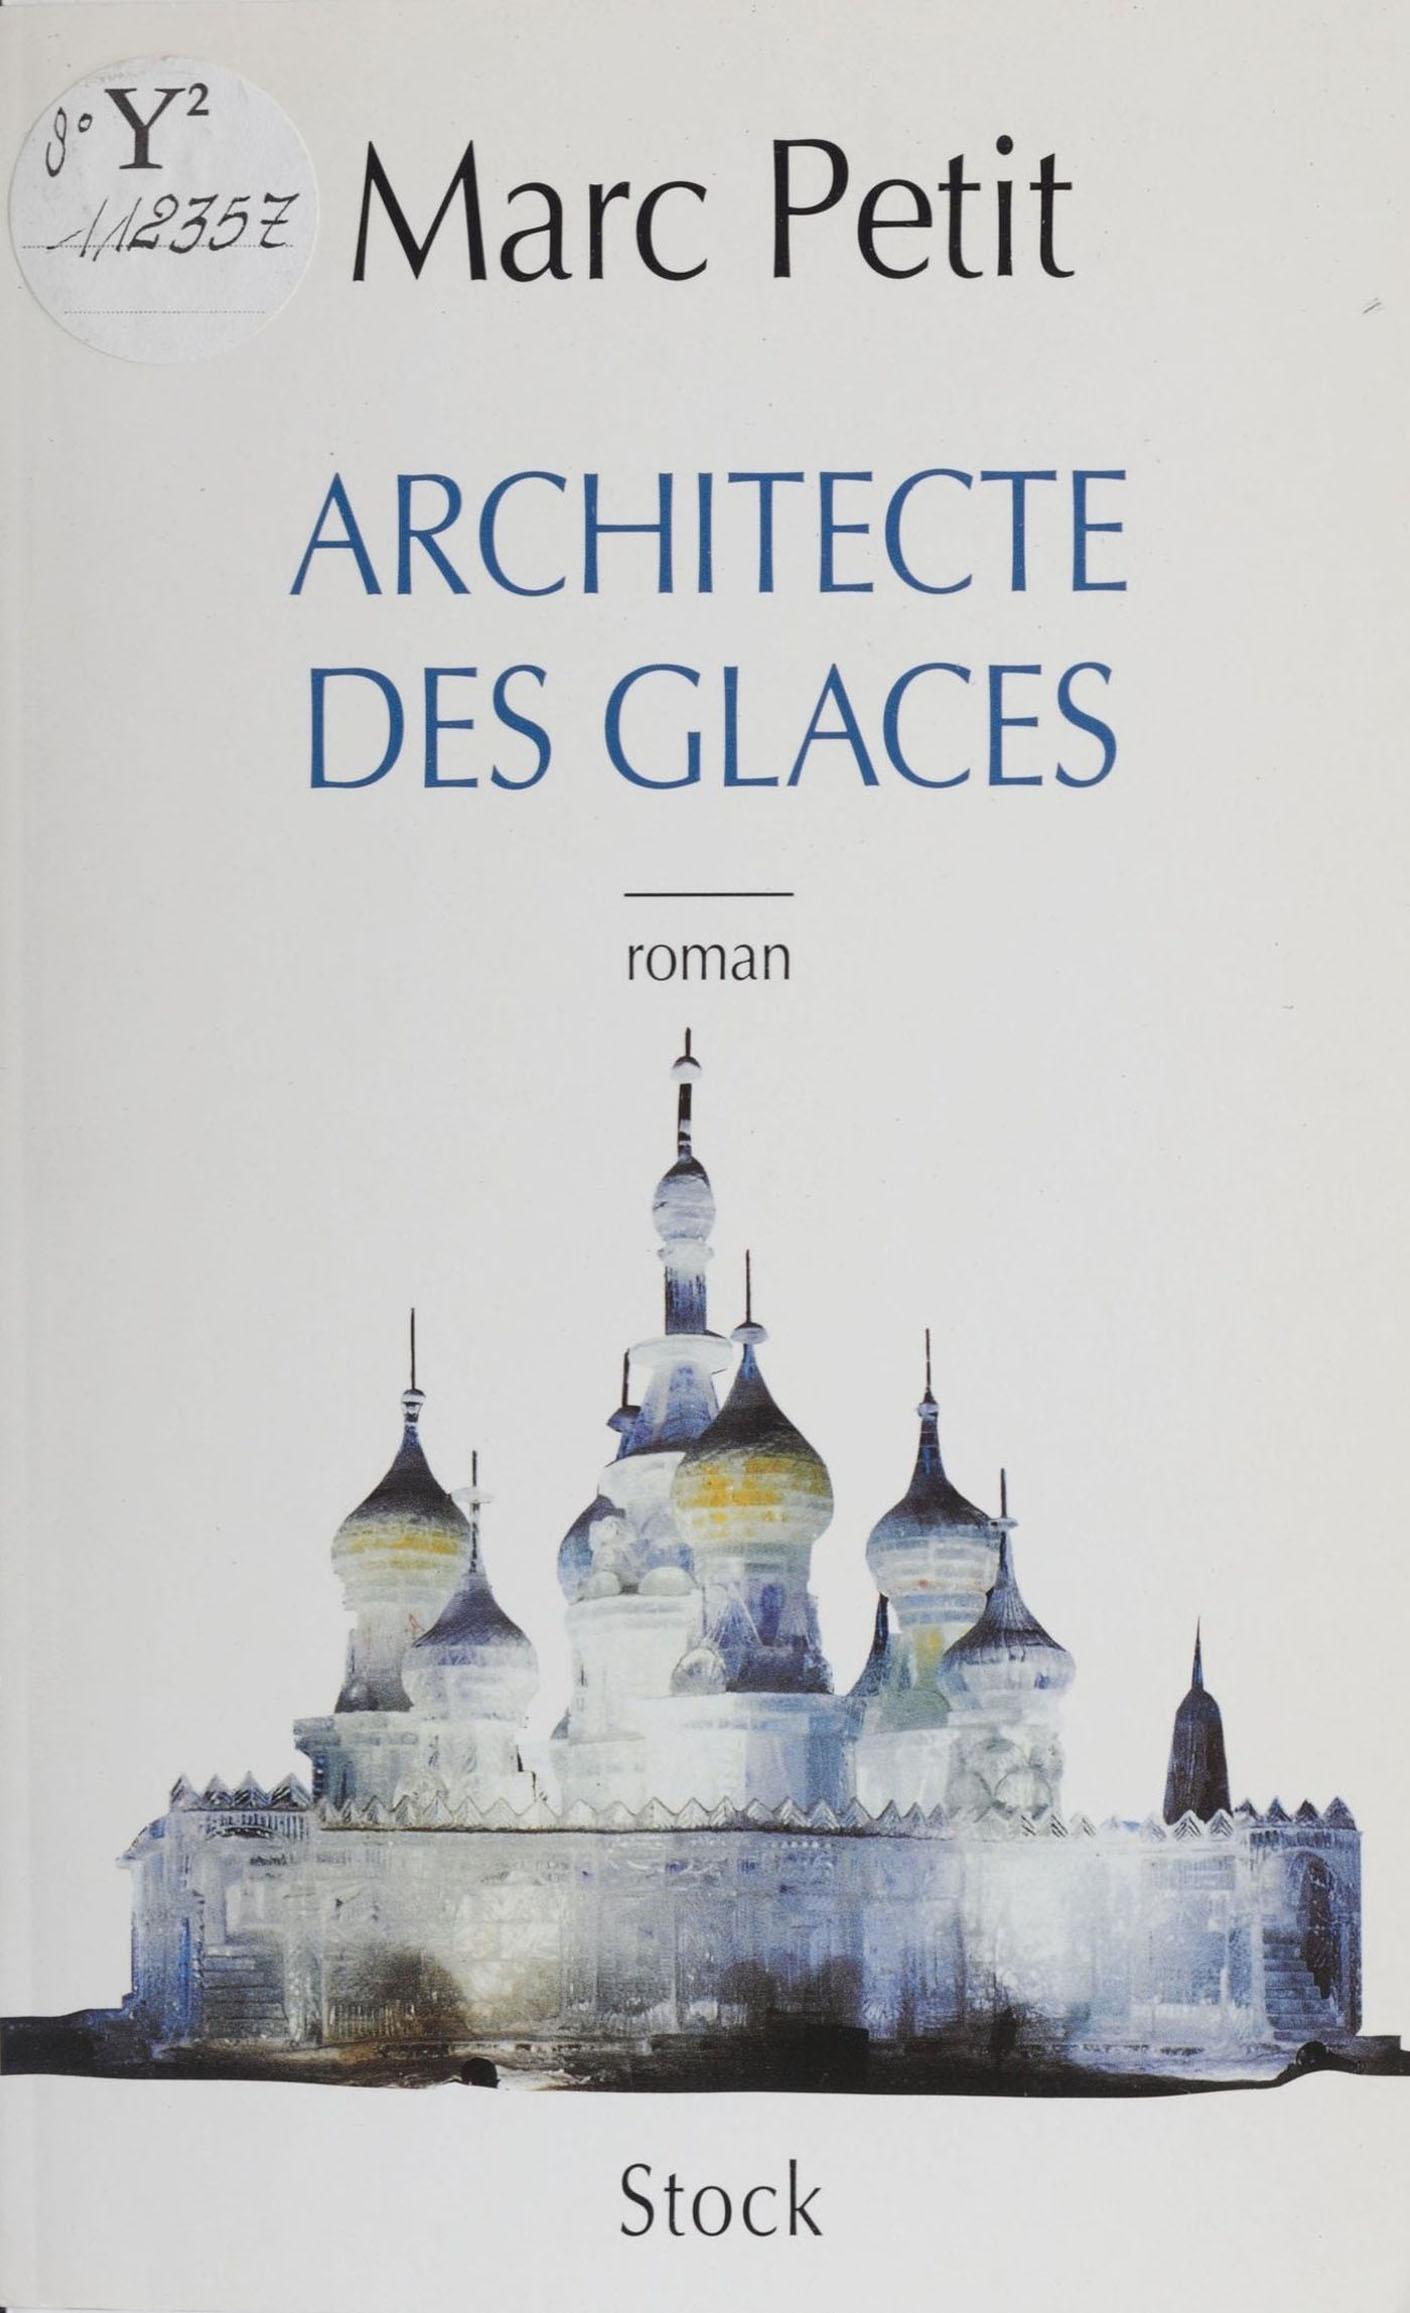 L'Architecte des glaces